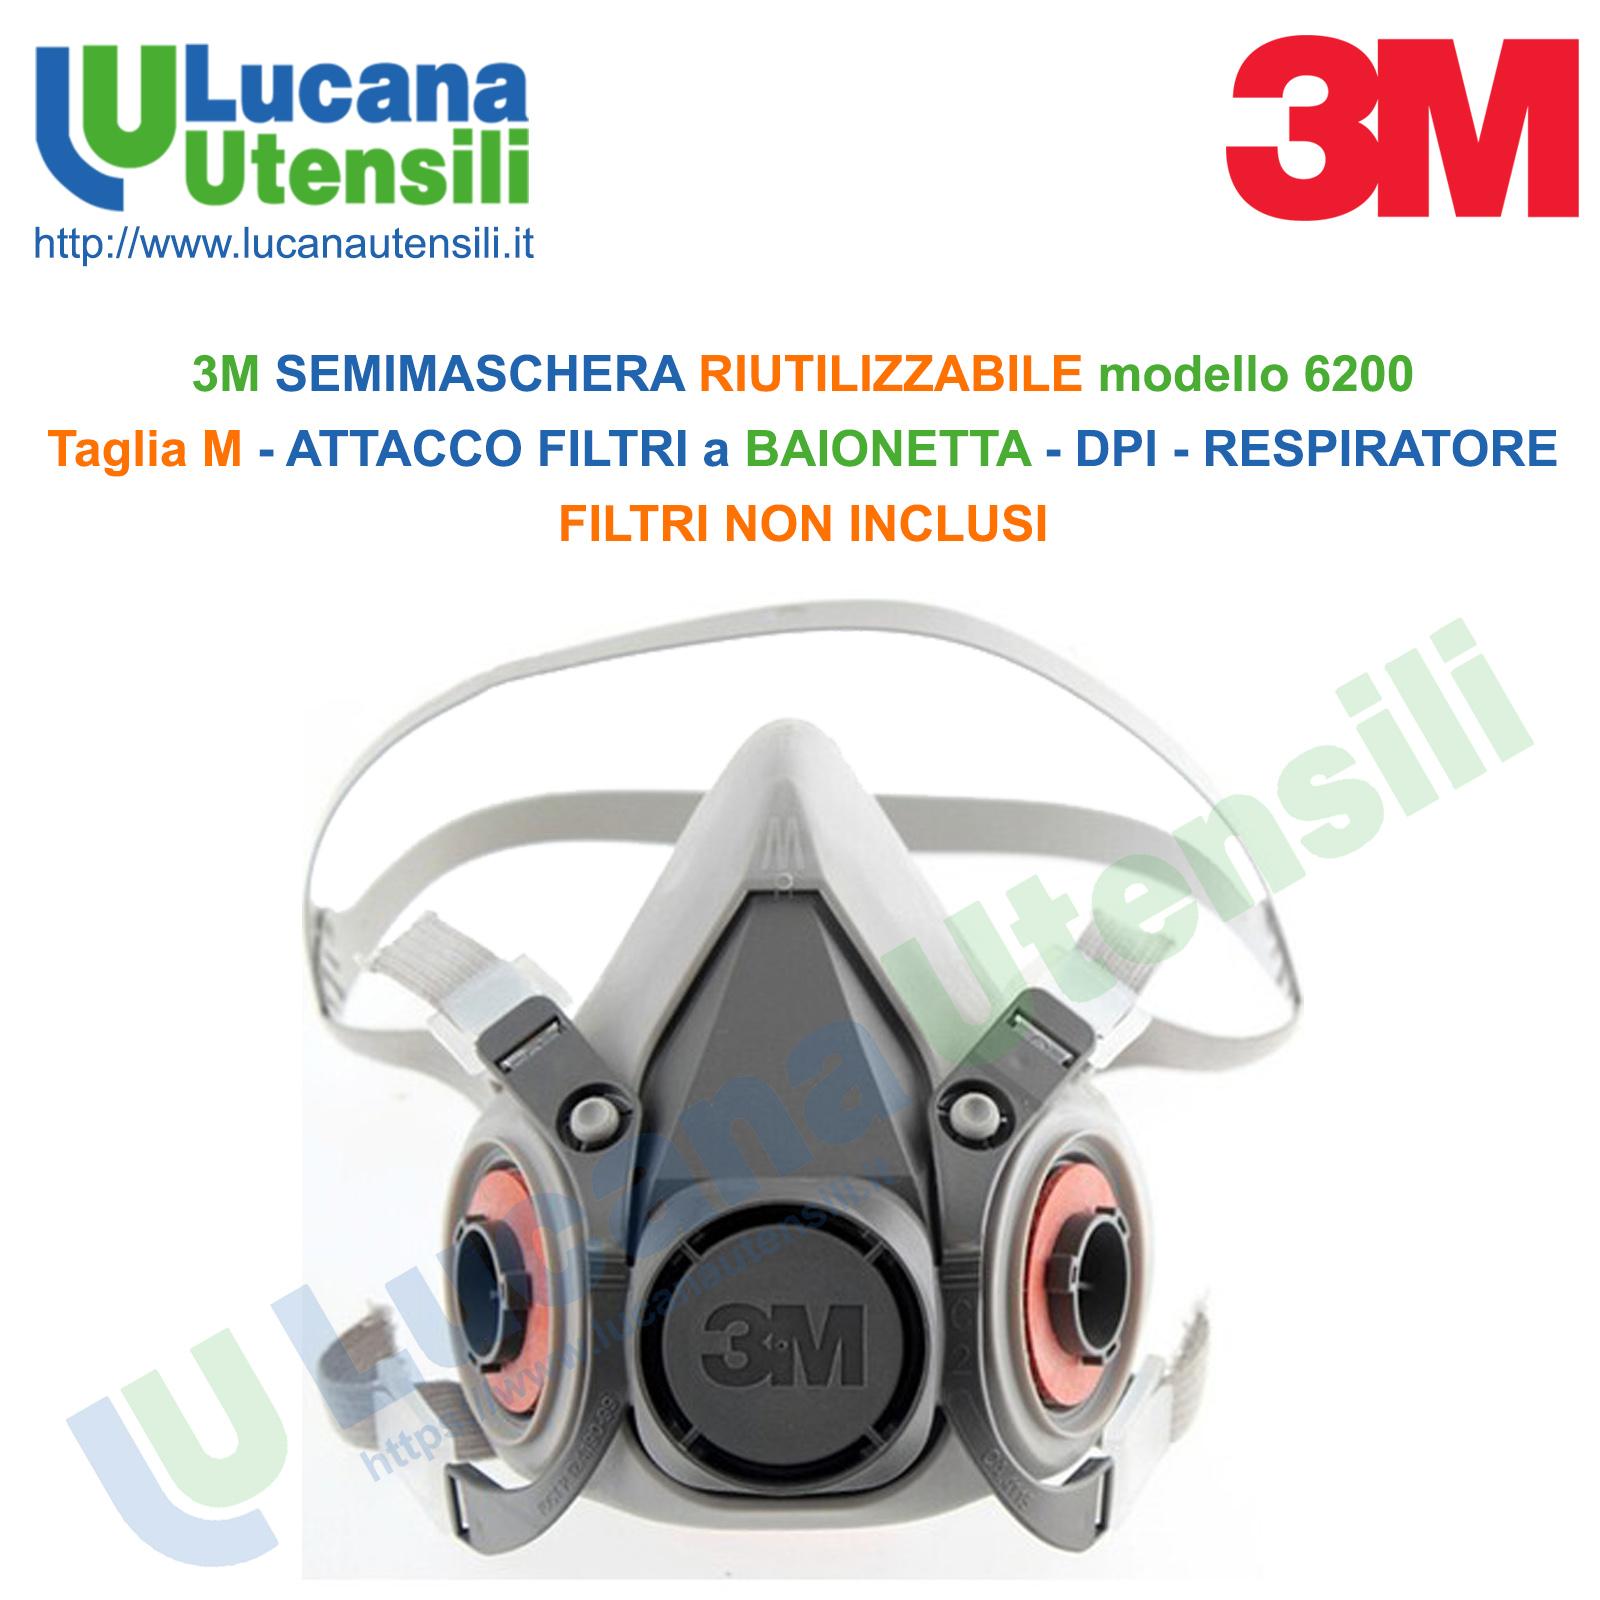 3m 6200m respiratore a semimaschera riutilizzabile taglia m